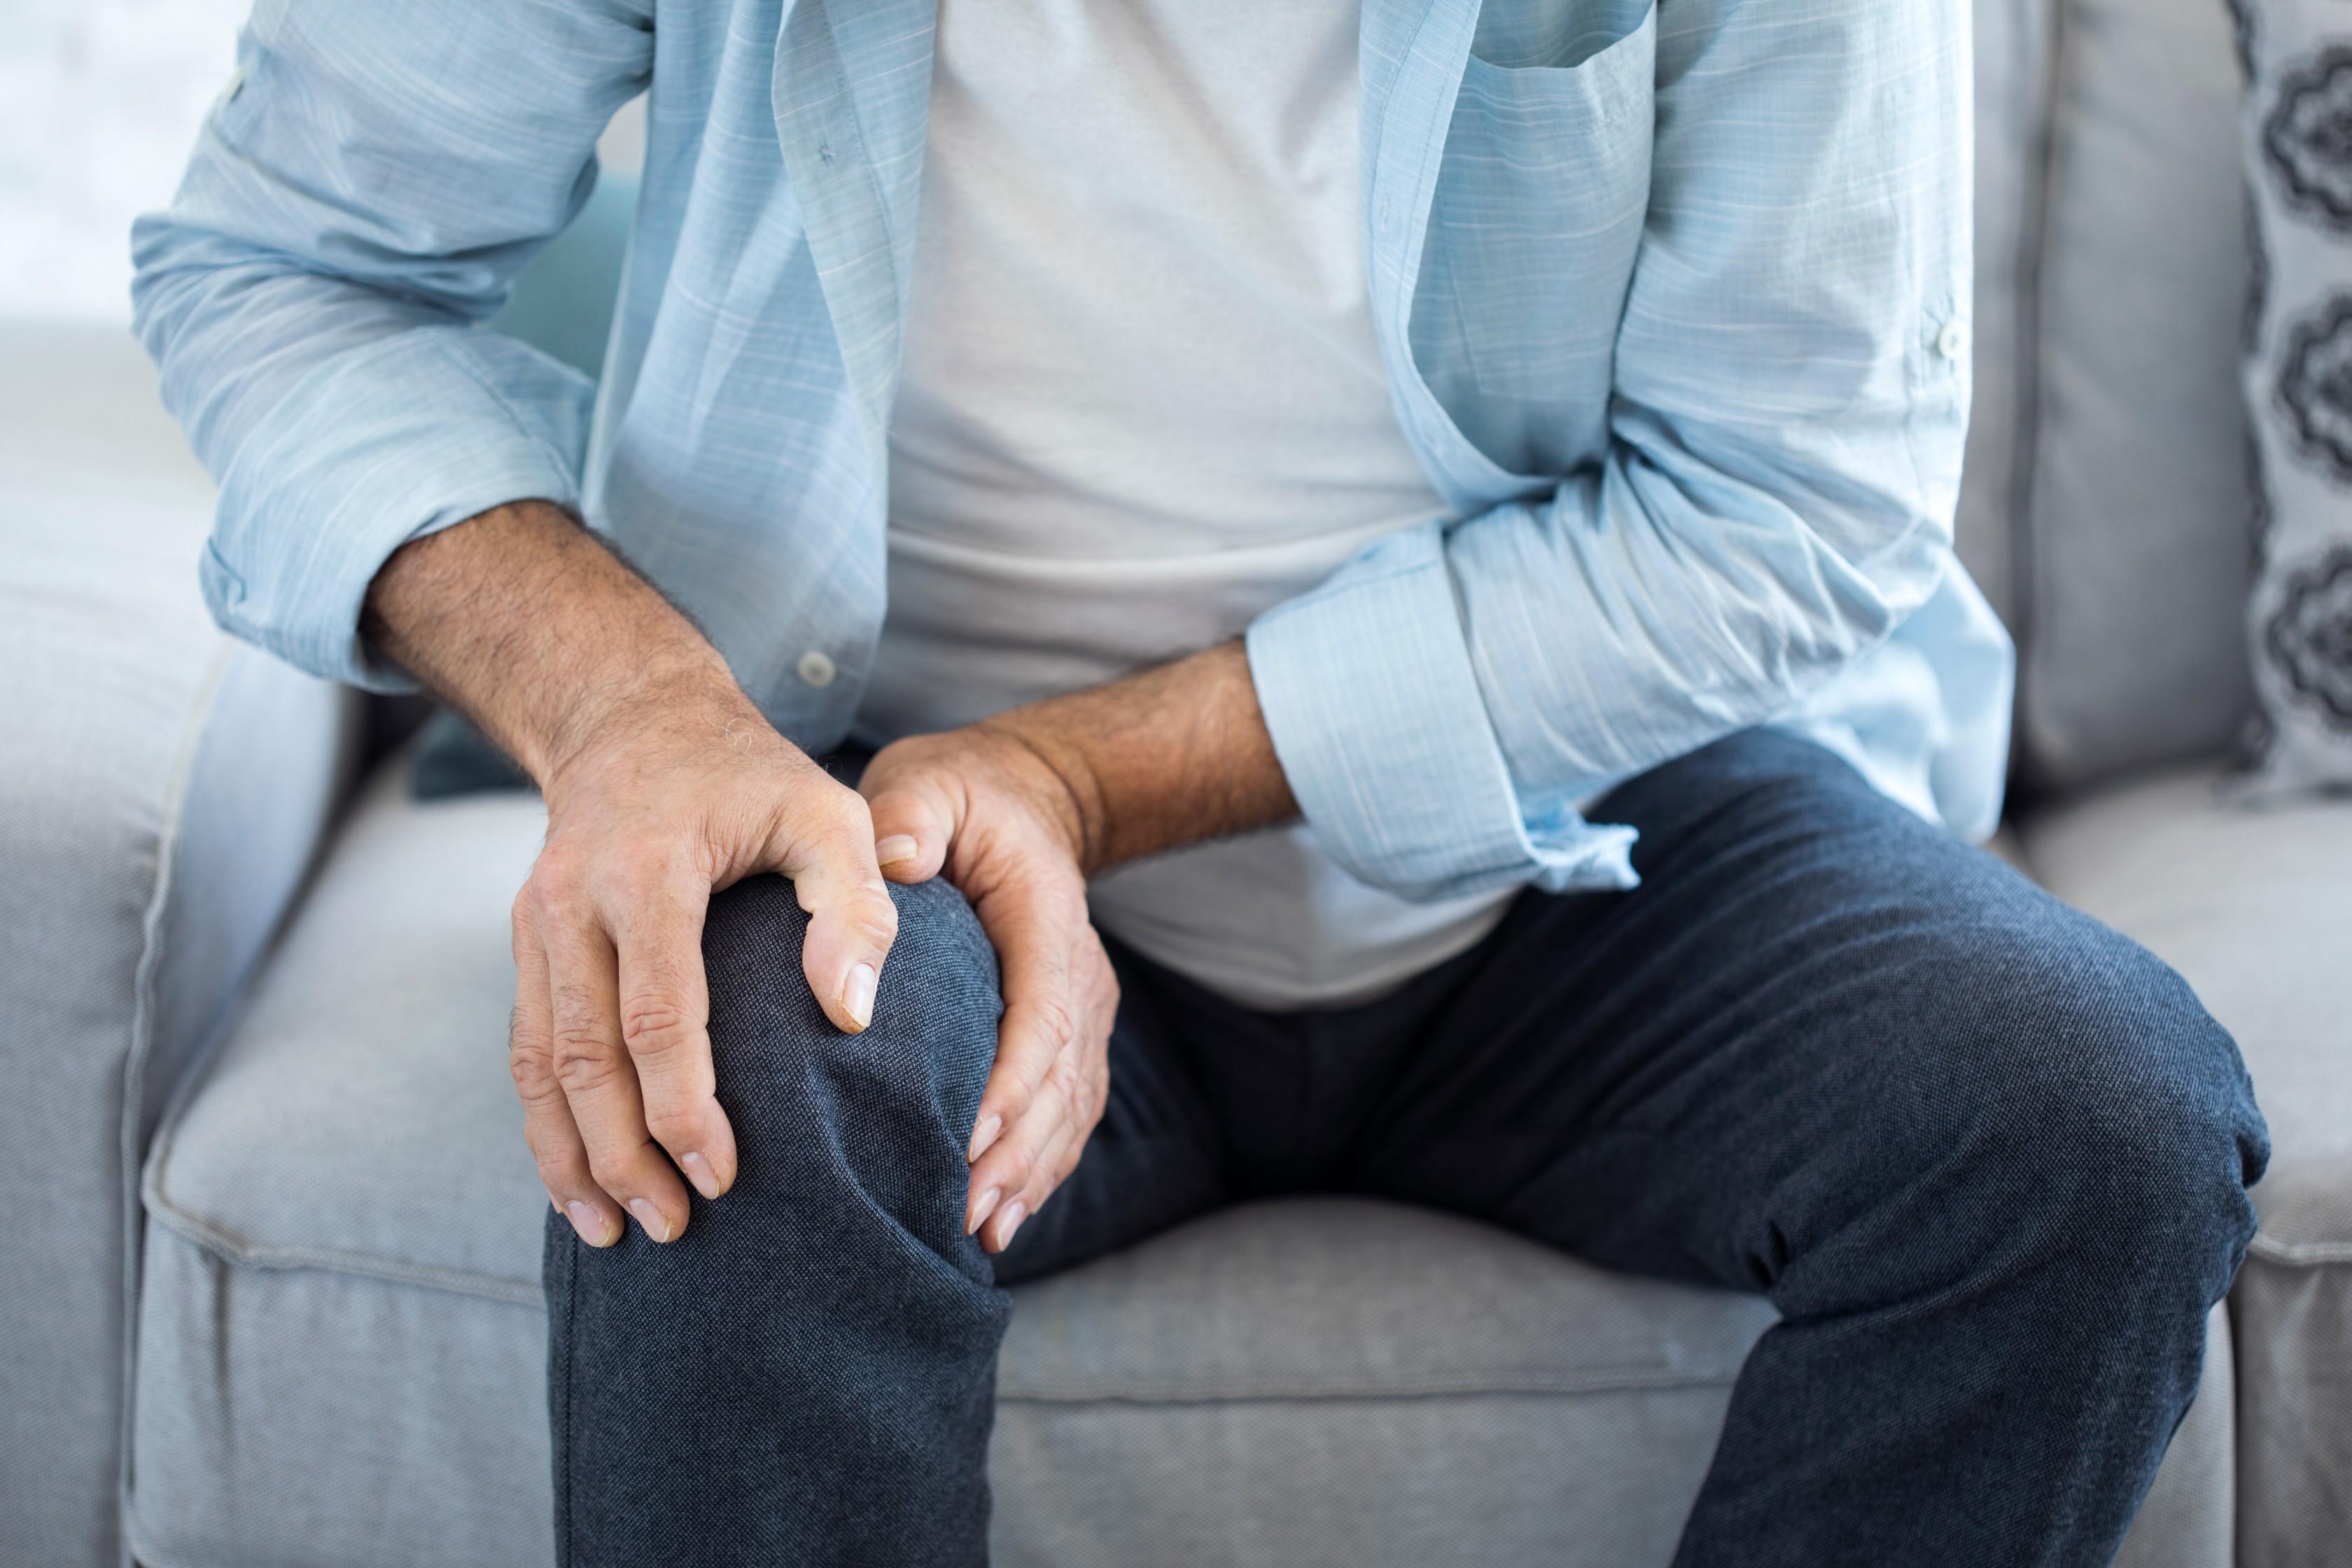 ízületi és csontfájdalom, mint kezelni hogyan lehet eltávolítani a folyadékot a térd kenőcsről